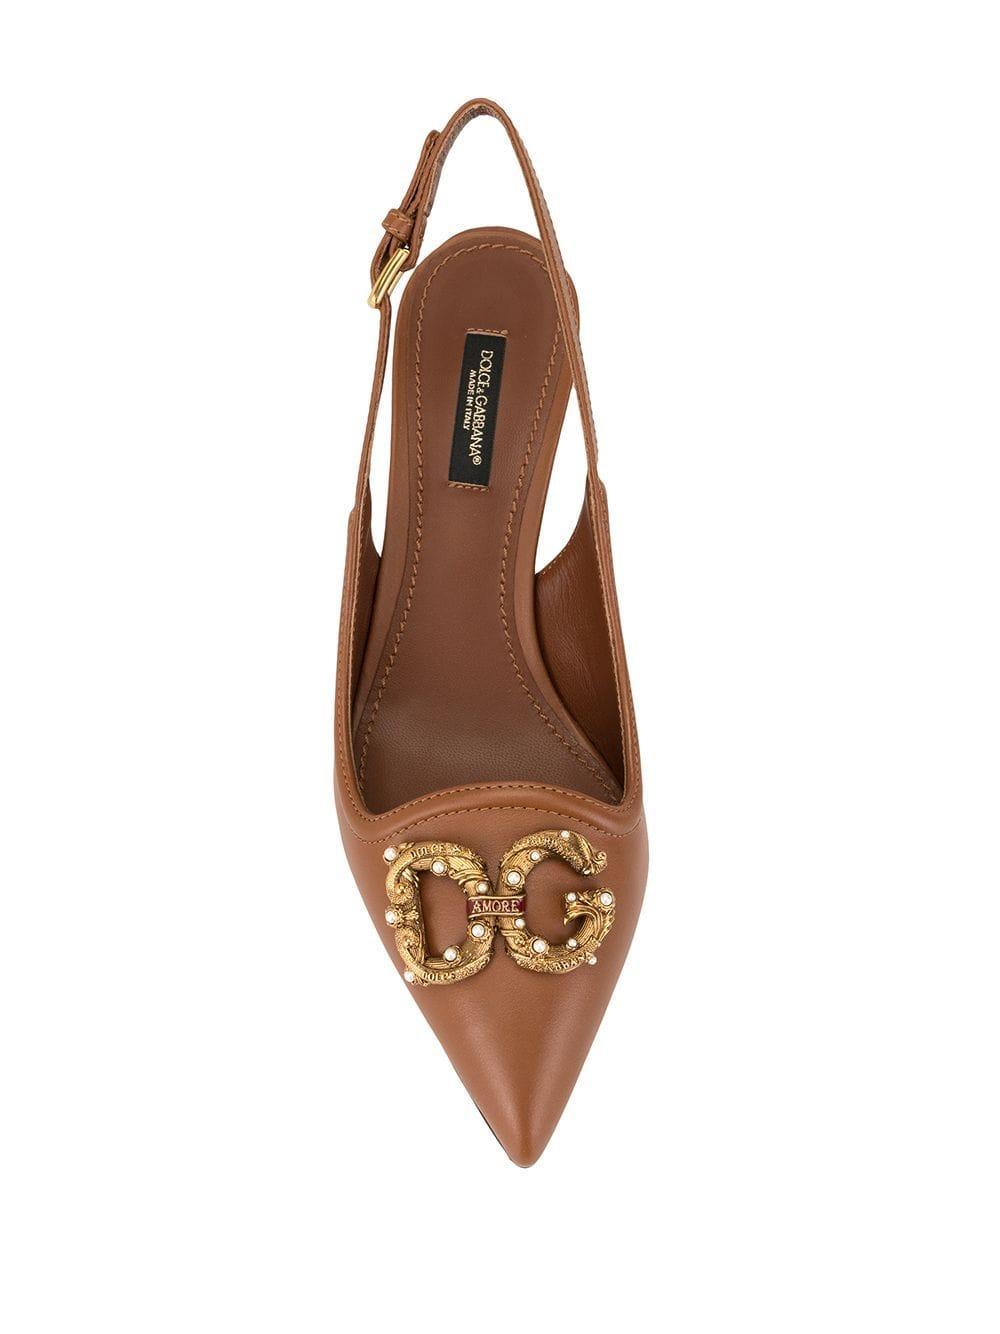 Zapatos de tacón con tira trasera y detalles Dolce & Gabbana de Cuero de color Marrón